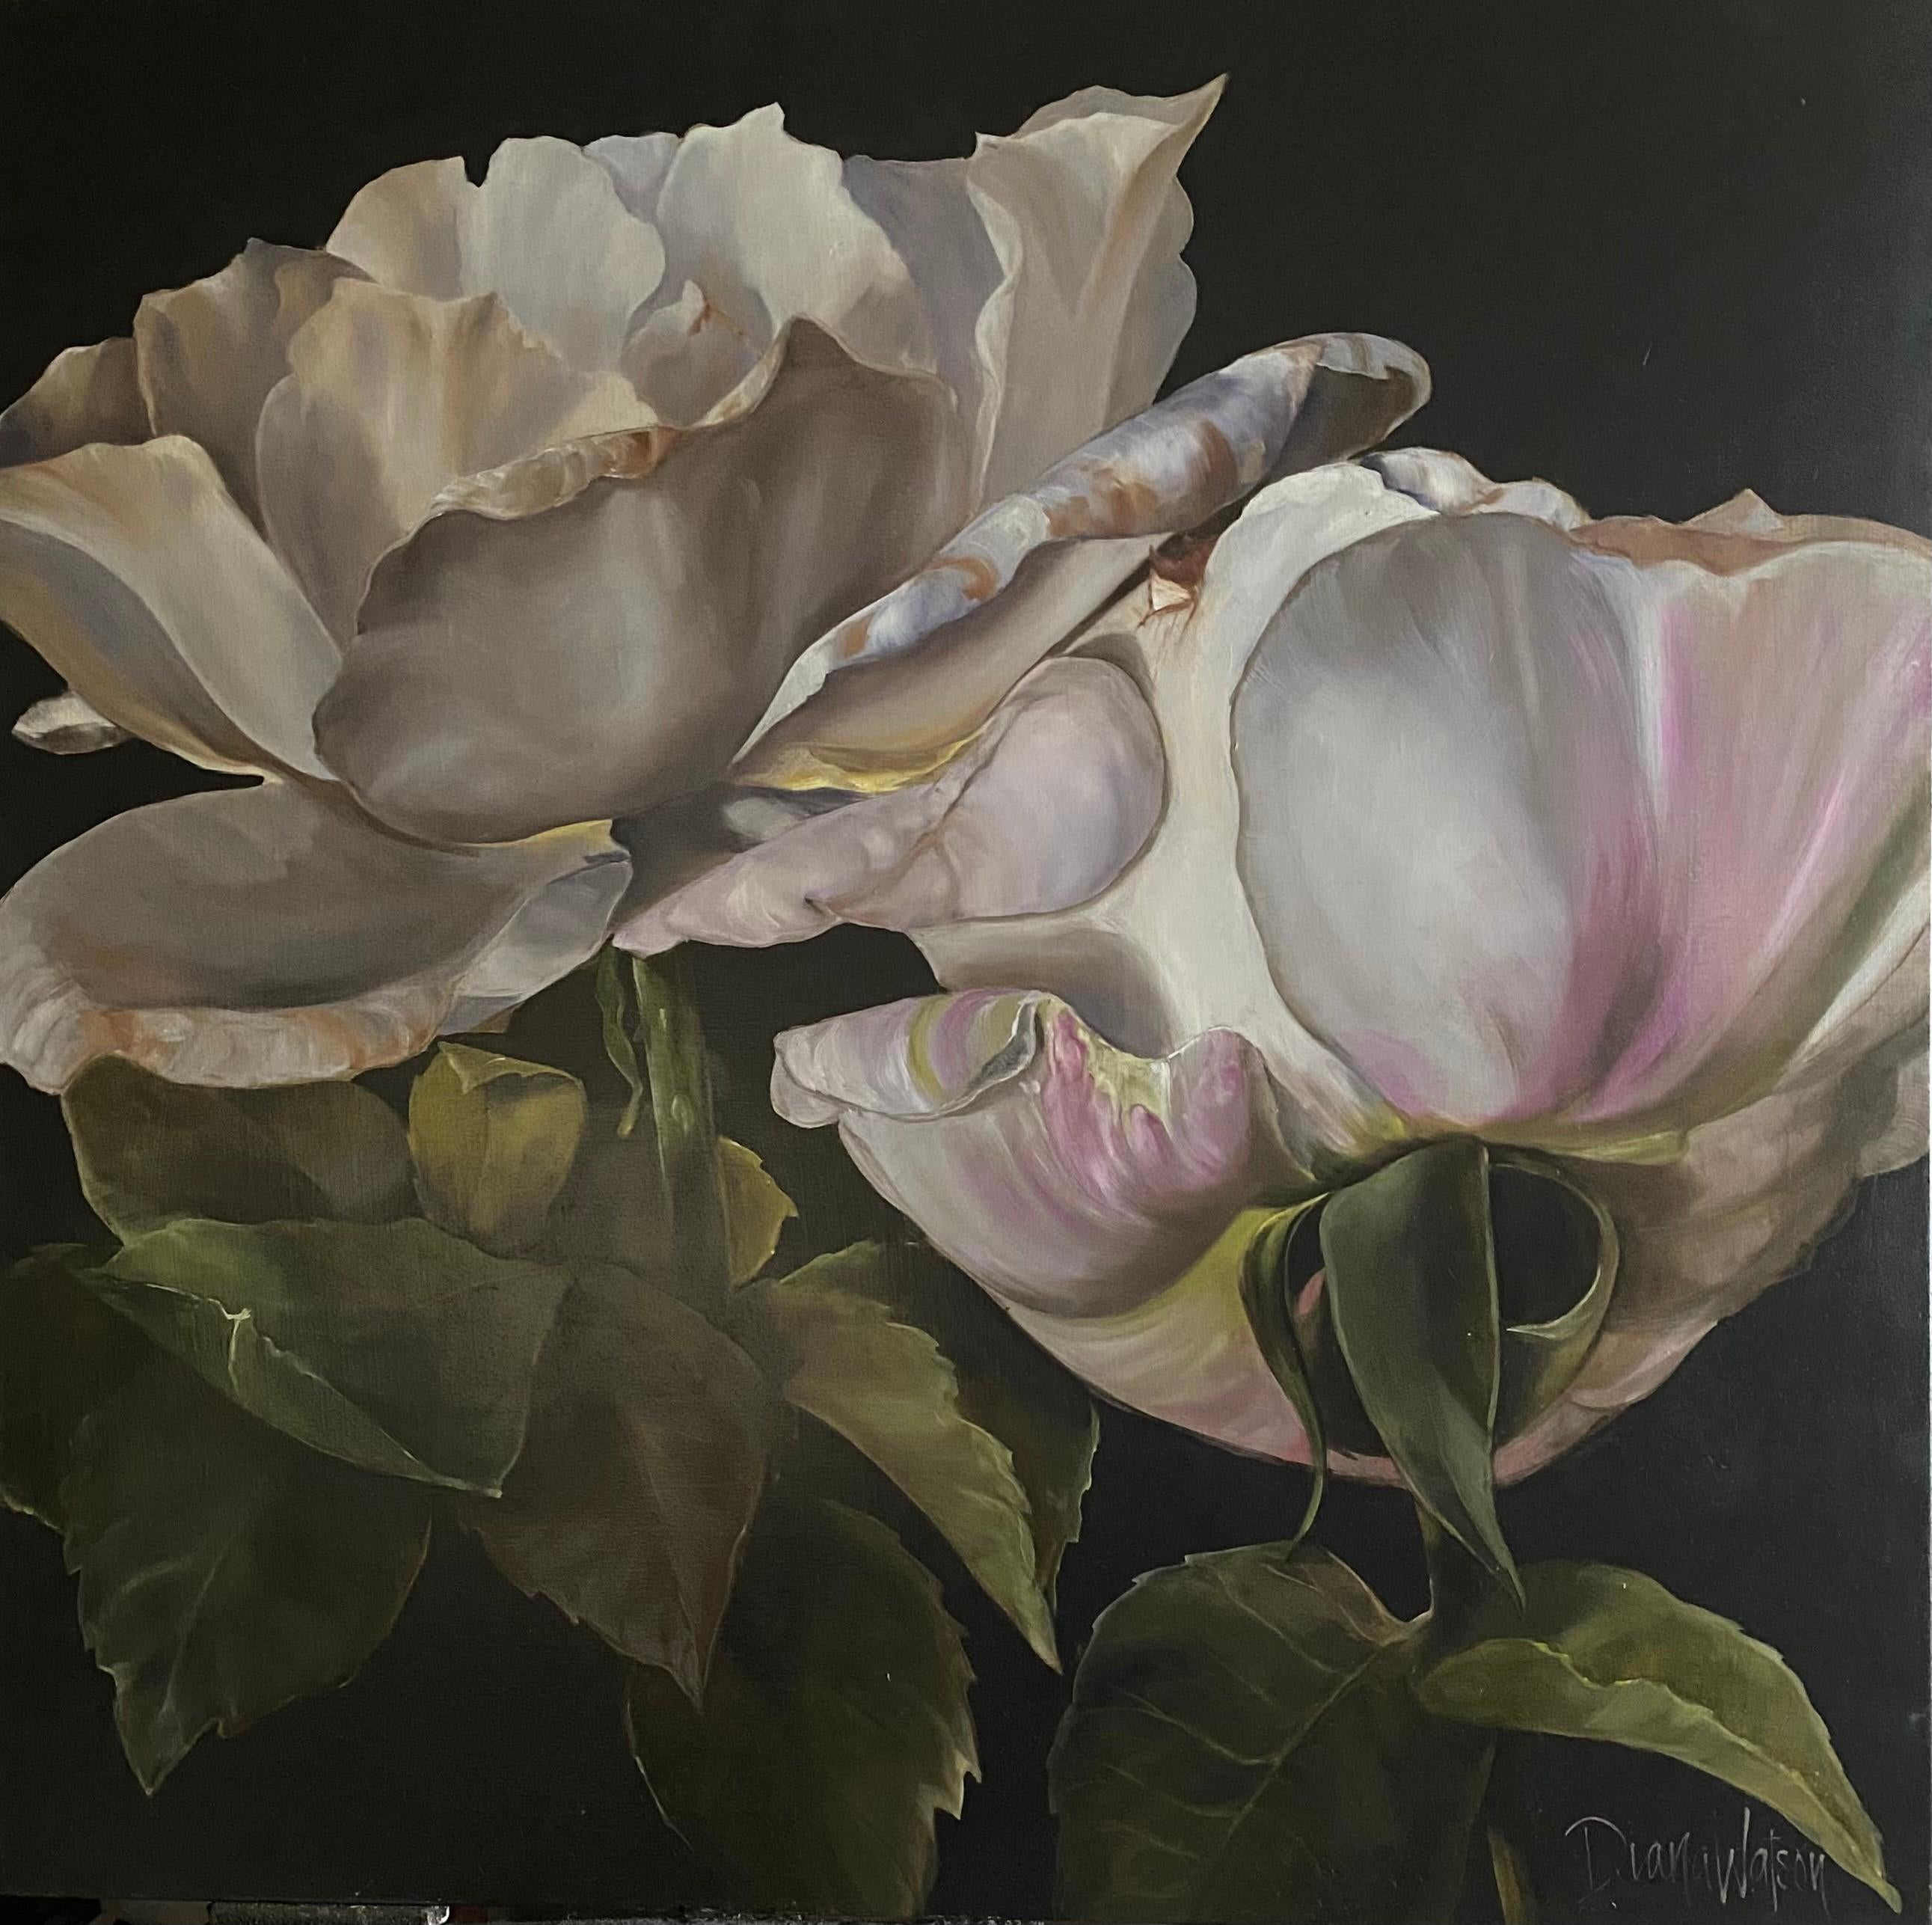 'Francesca Rose', 2020, Contemporary still-life on oil on linen